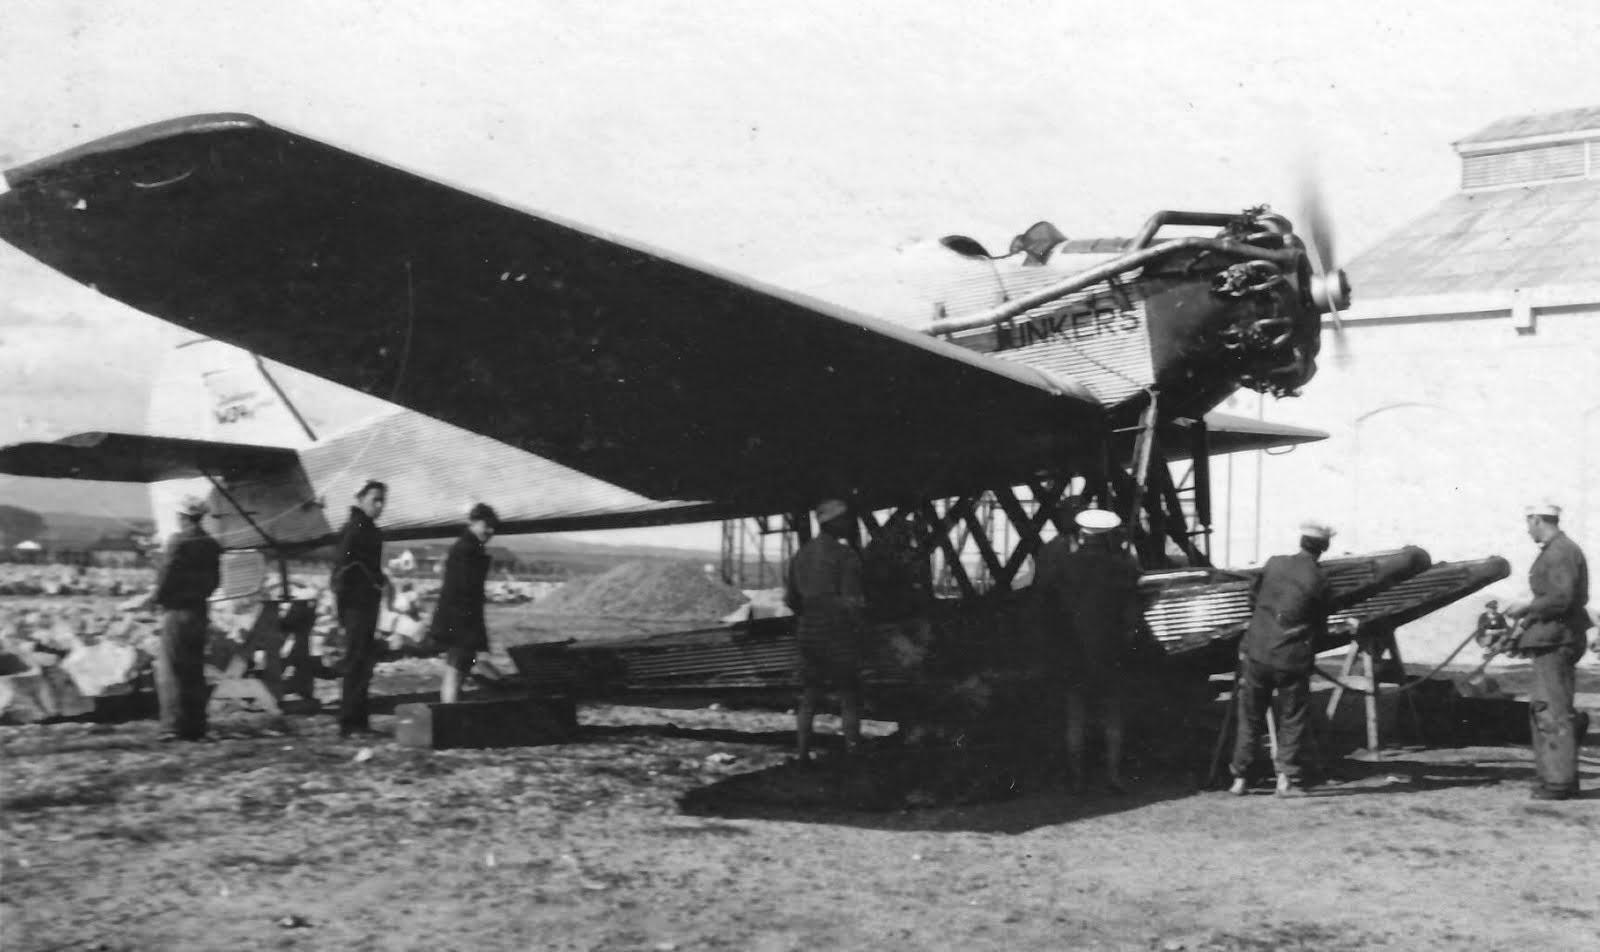 Junkers W-34b